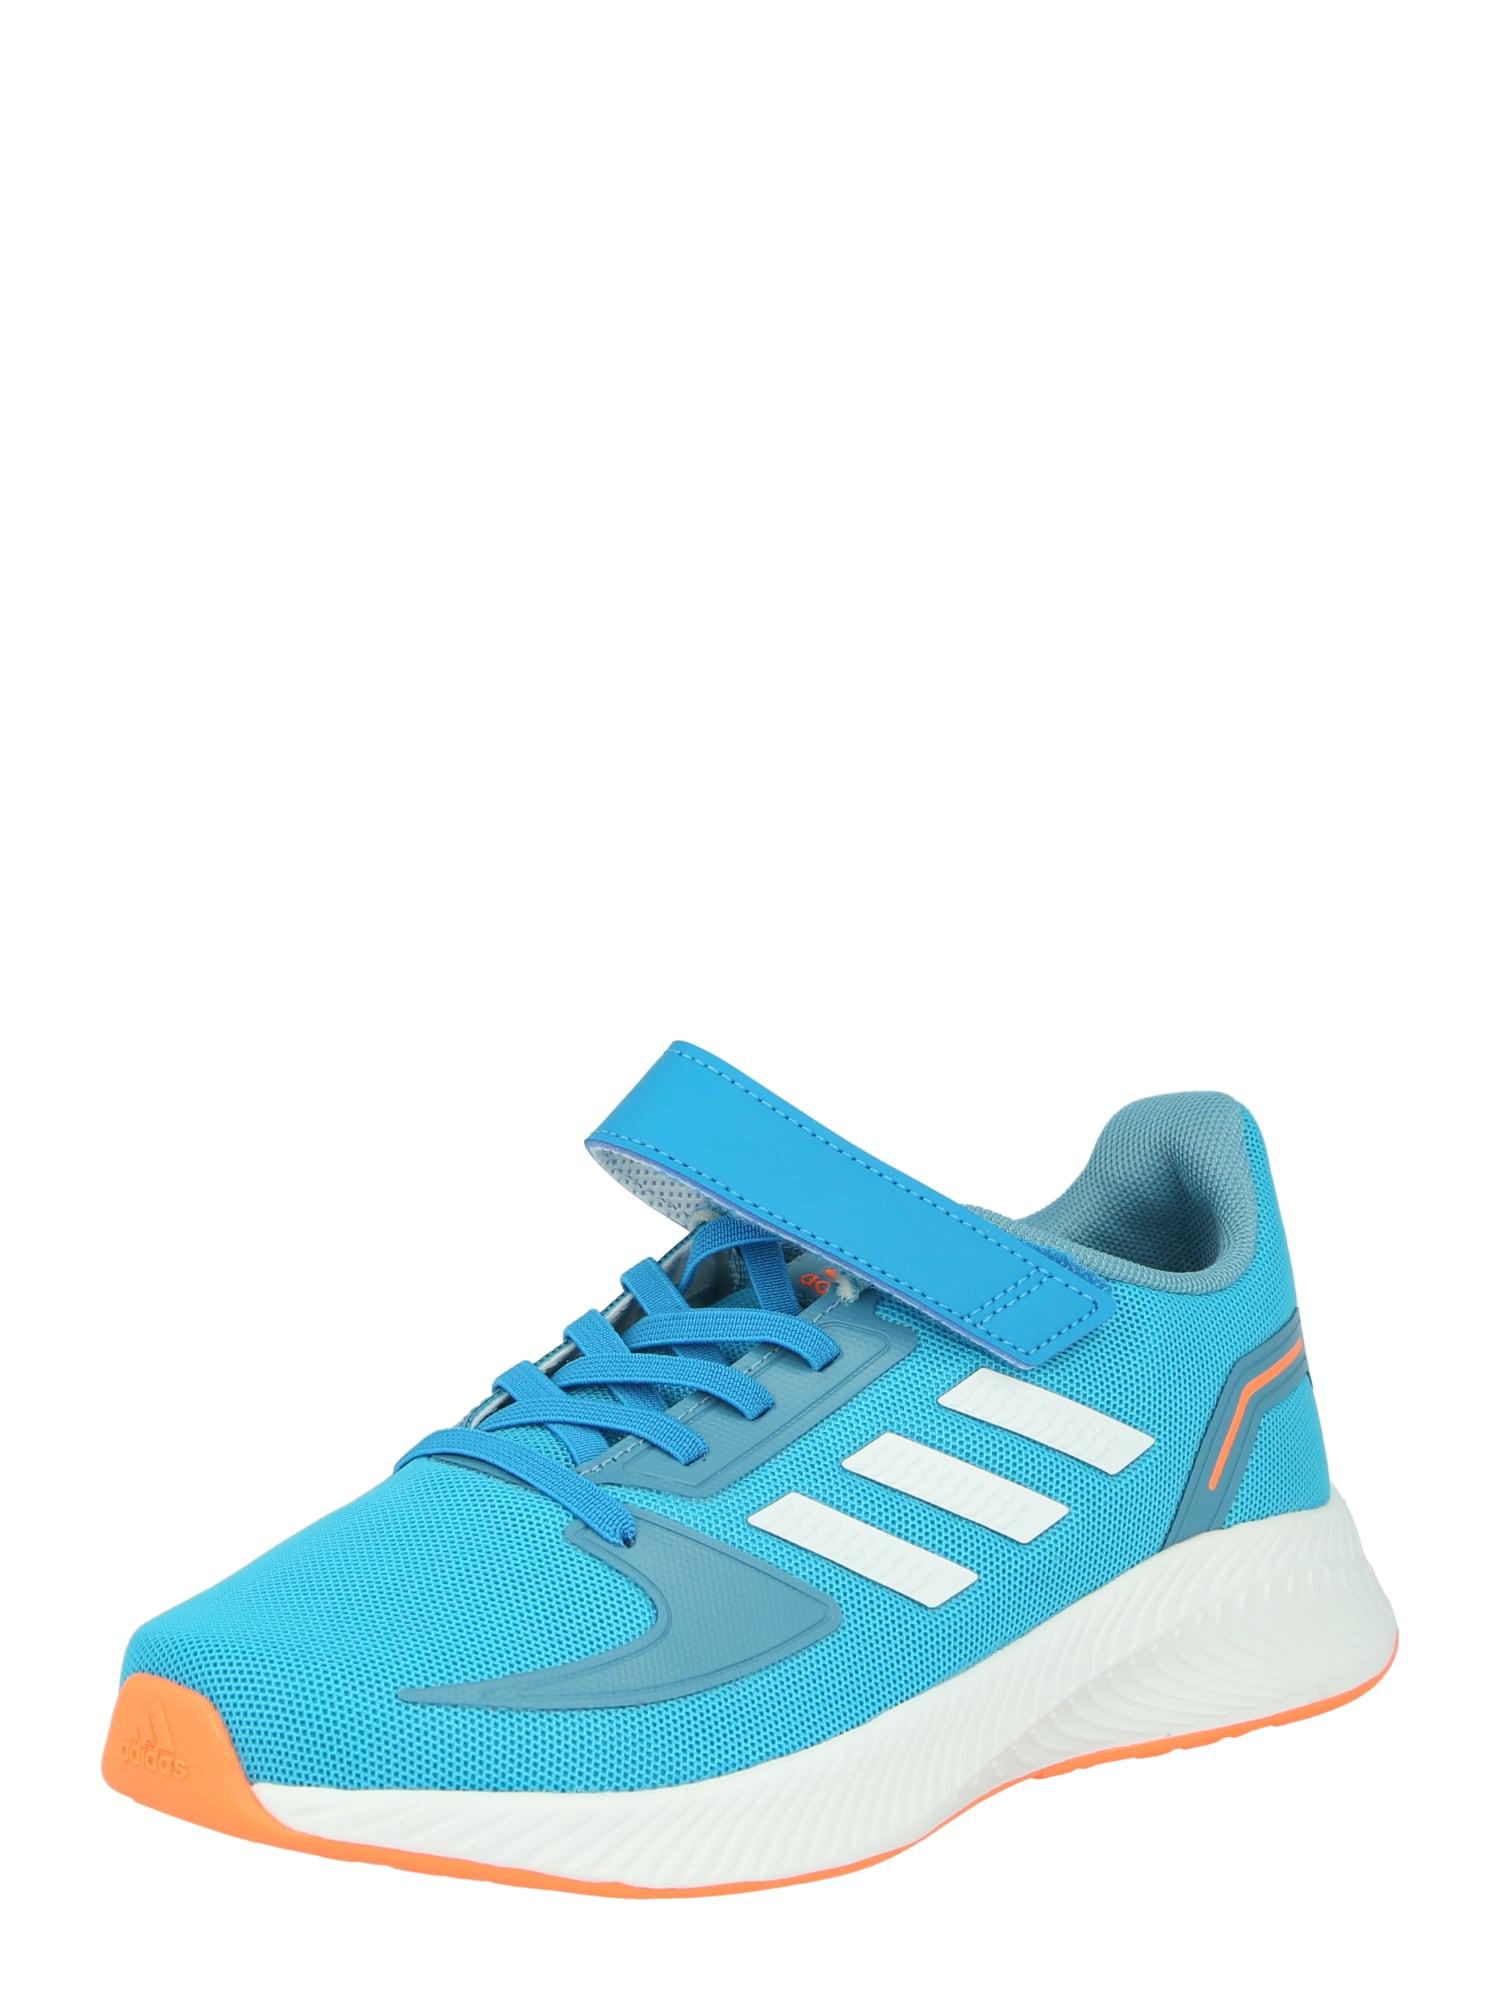 ADIDAS PERFORMANCE Chaussure de sport 'RUNFALCON 2.0 C'  - Bleu - Taille: 12k - boy